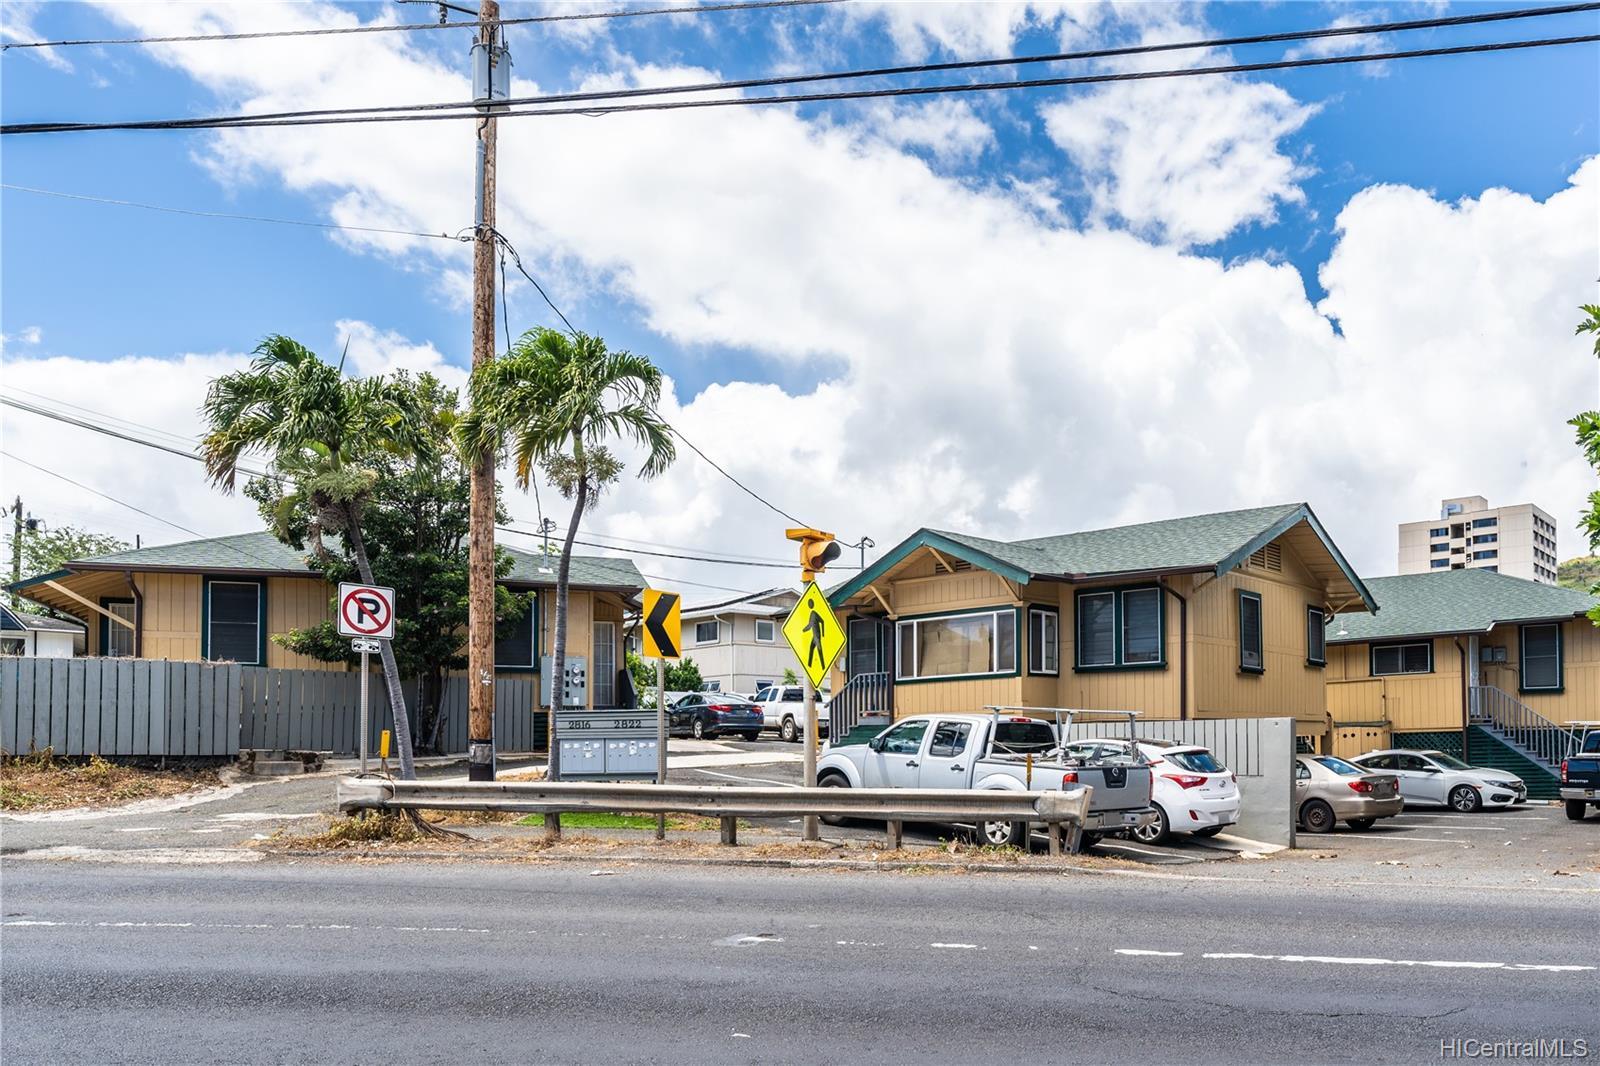 2816 Waialae Ave Honolulu - Multi-family - photo 19 of 21